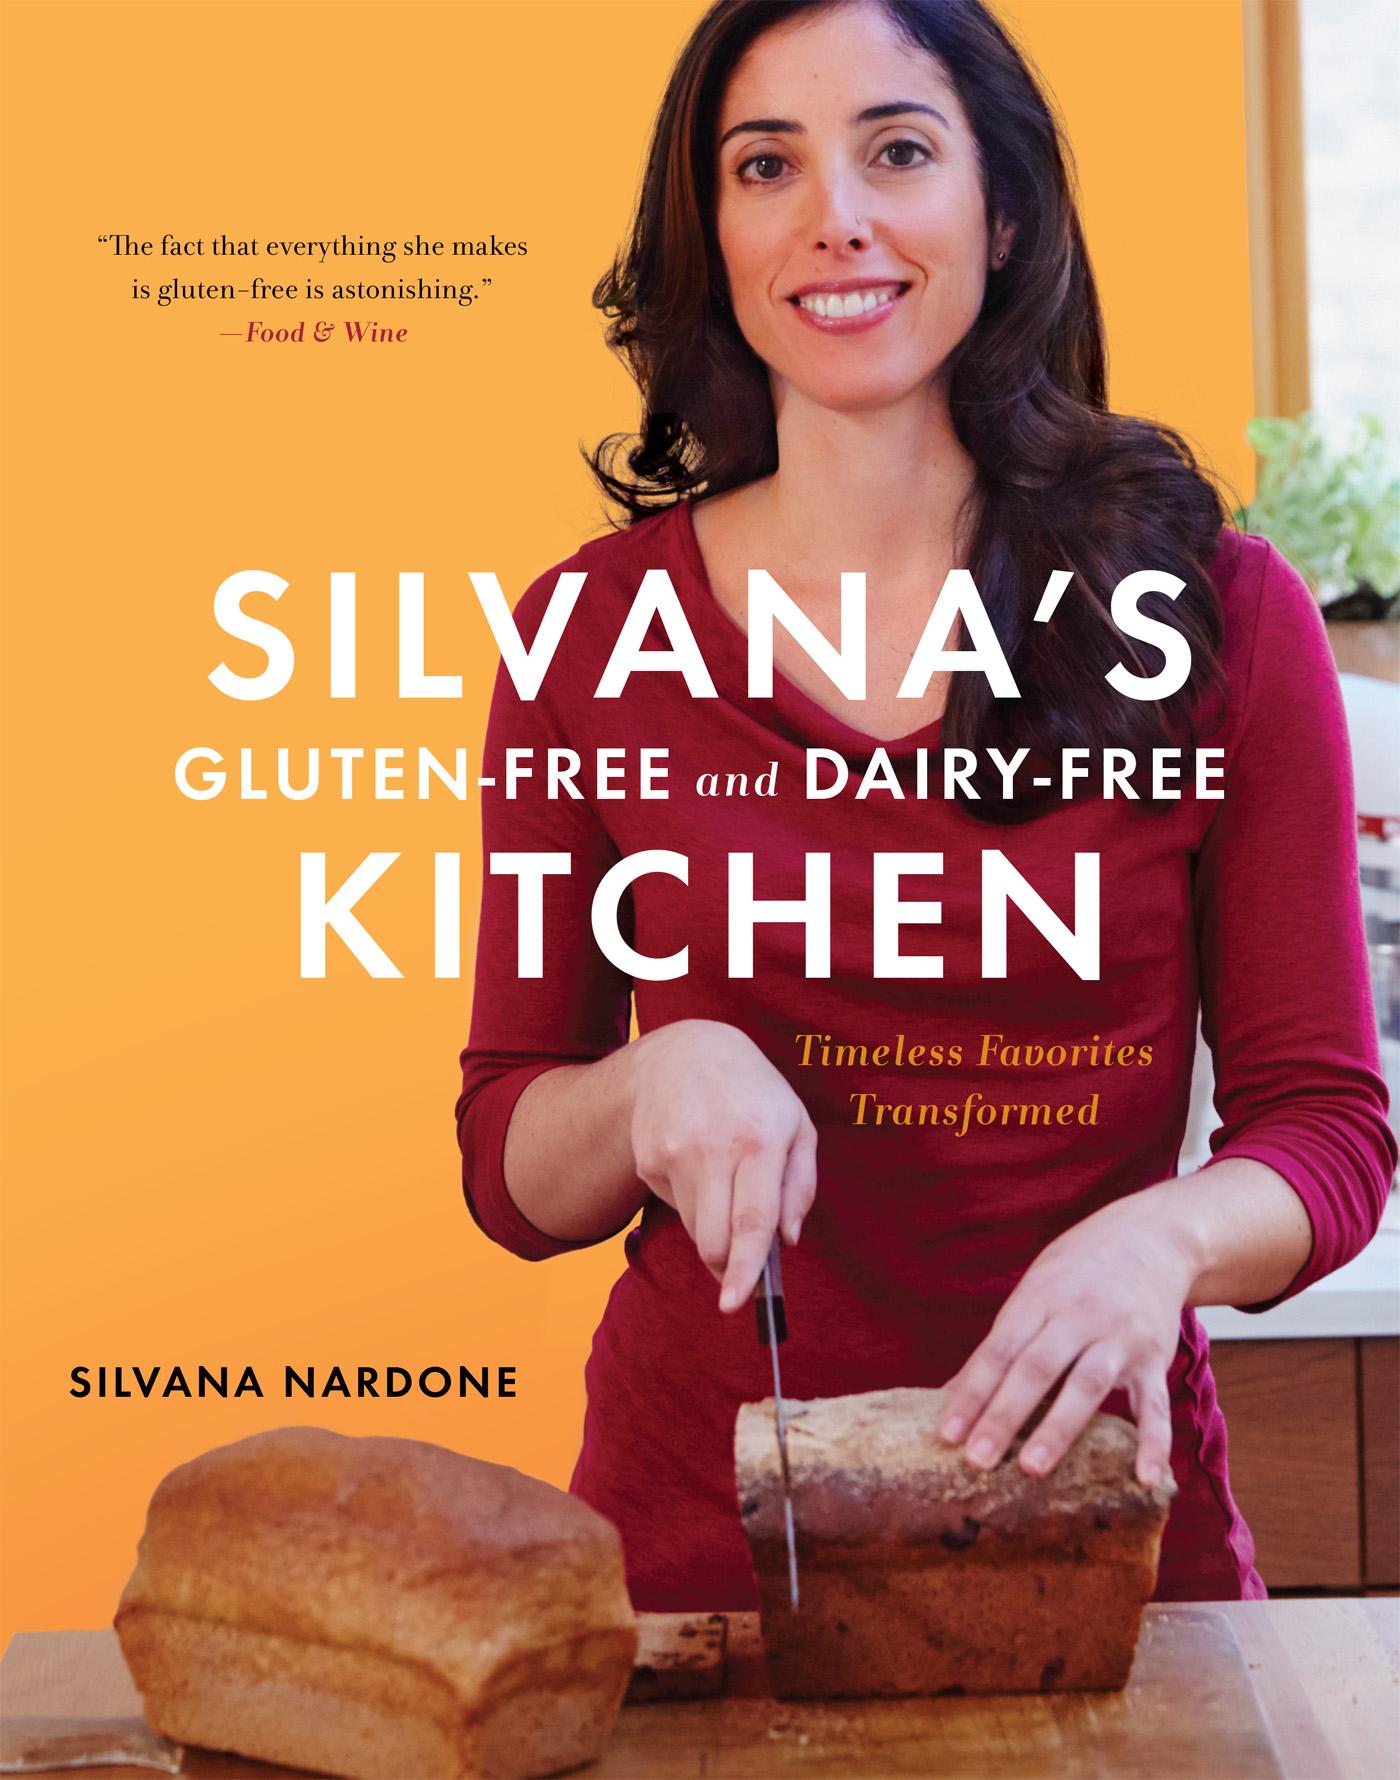 Silvana's Gluten-Free and Dairy-Free Kitchen – Crispy Fried Chicken